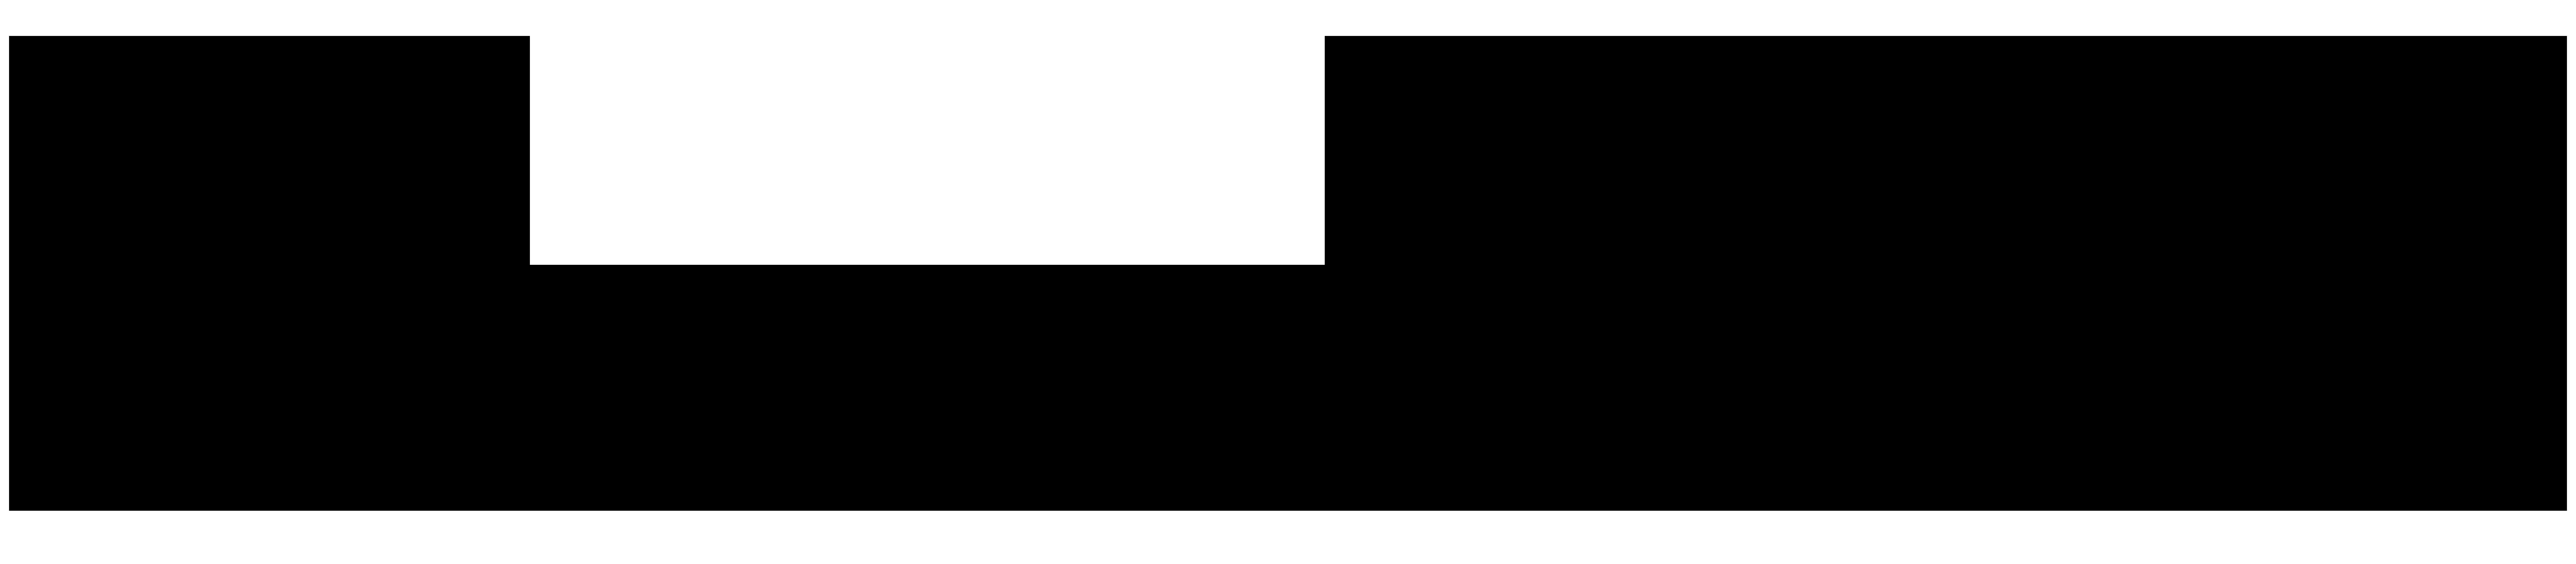 signature-image